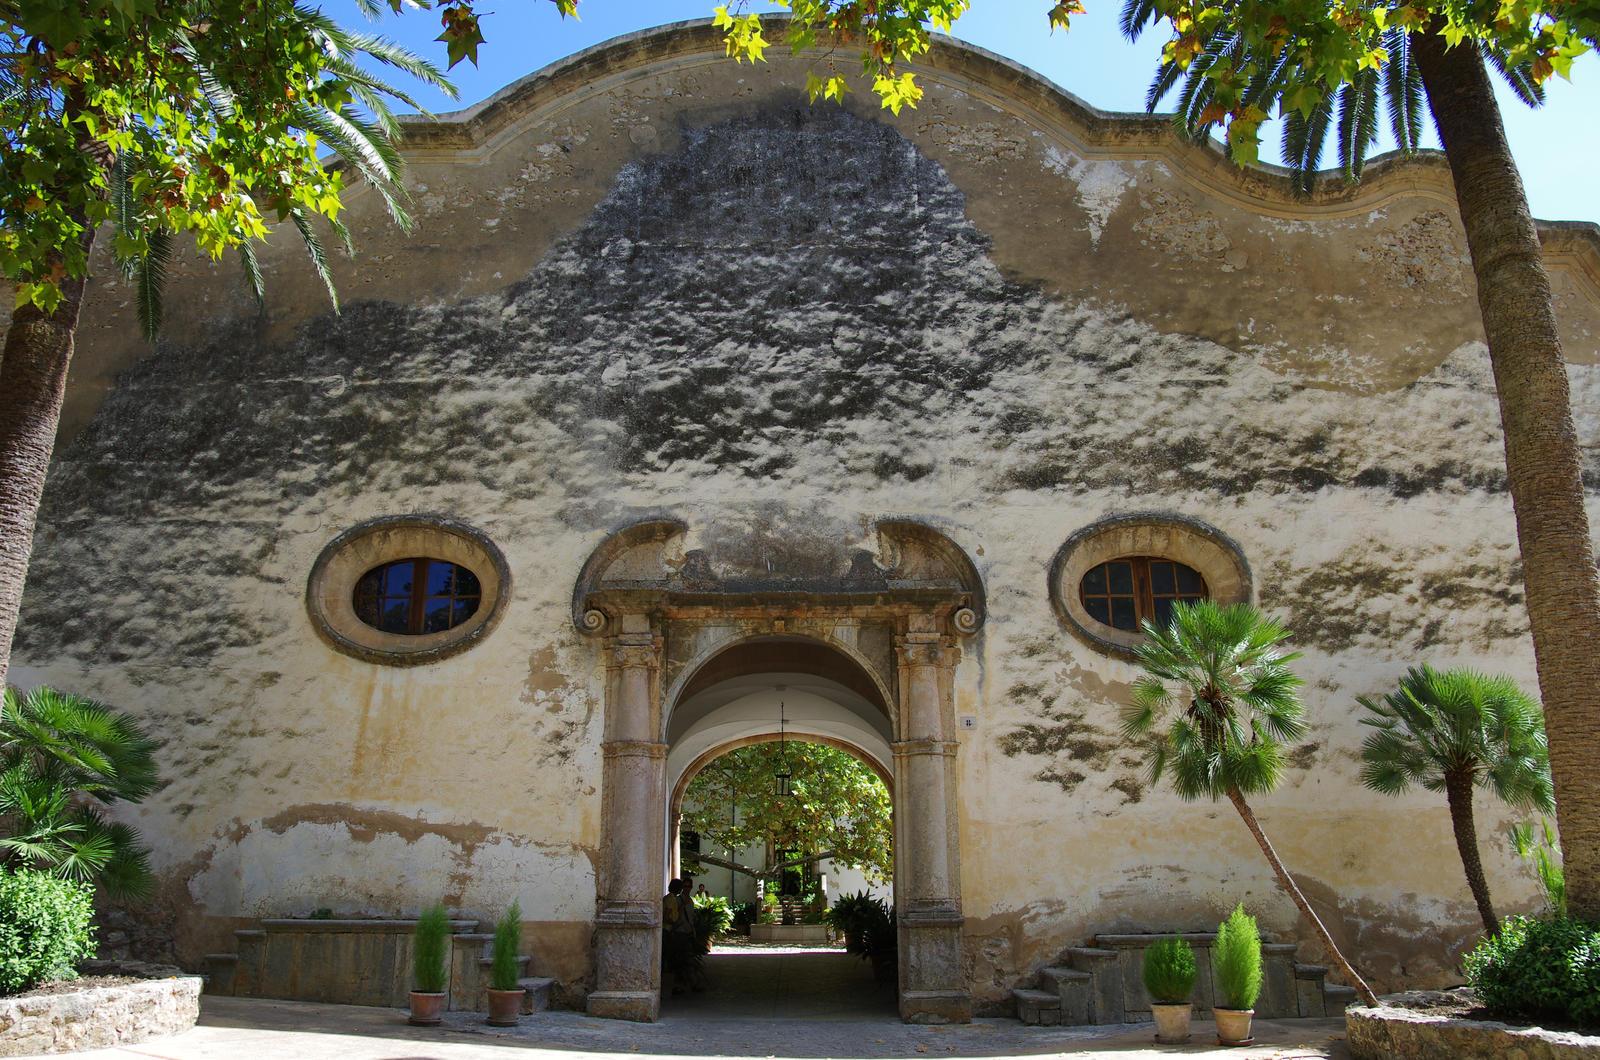 Jardin de alfabia by vt102 on deviantart for Jardines alfabia